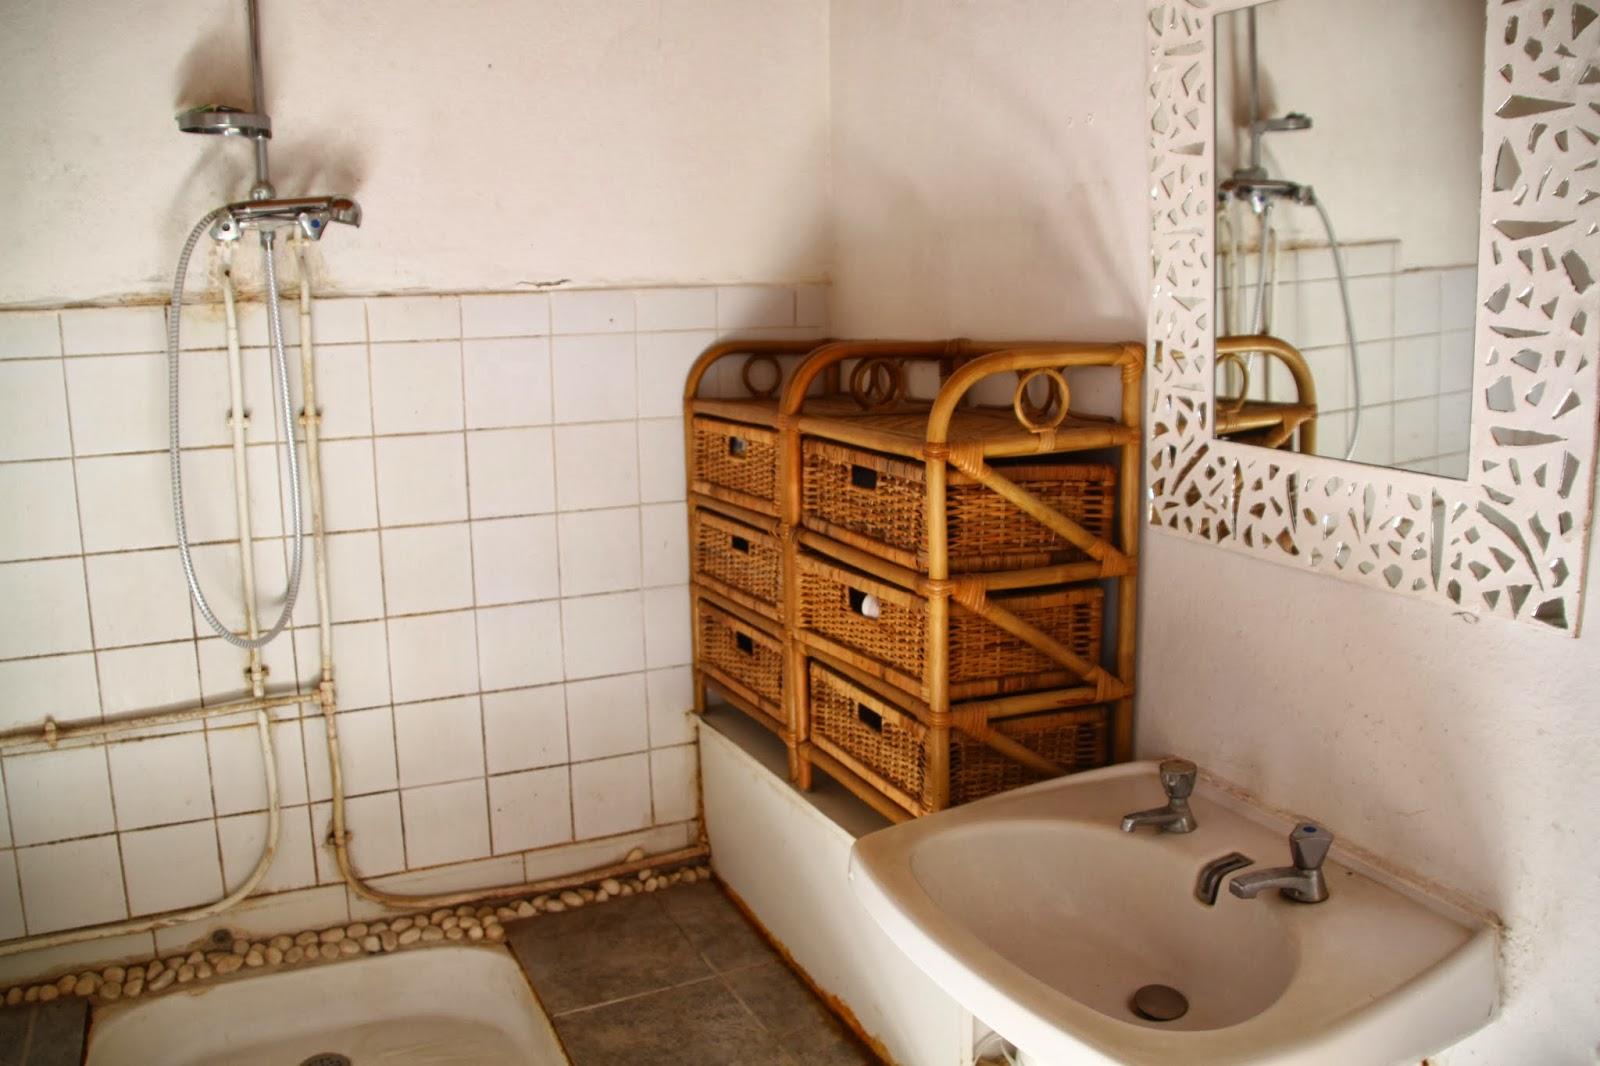 Destruction salle de bain a fait du bien for Salle de bain translation